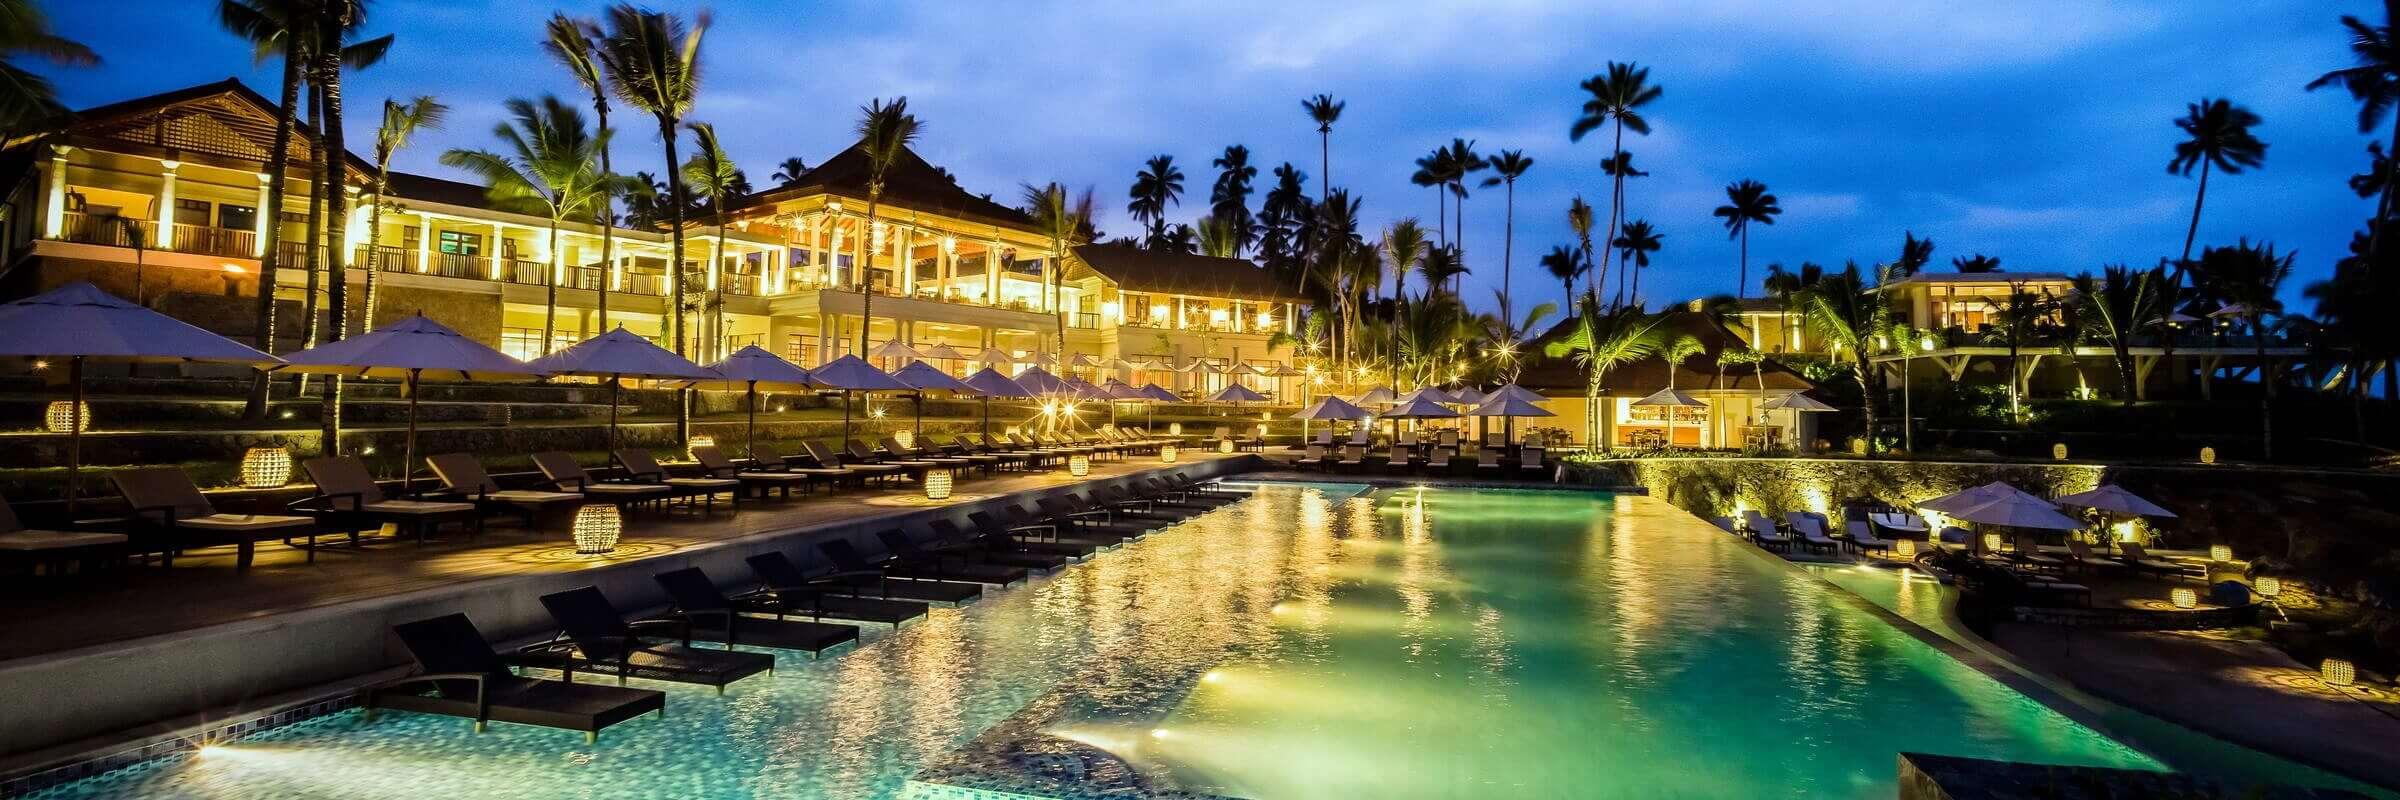 Der einladende Pool im Anantara Peace Haven Tangalle Resort bei Abenddämmerung